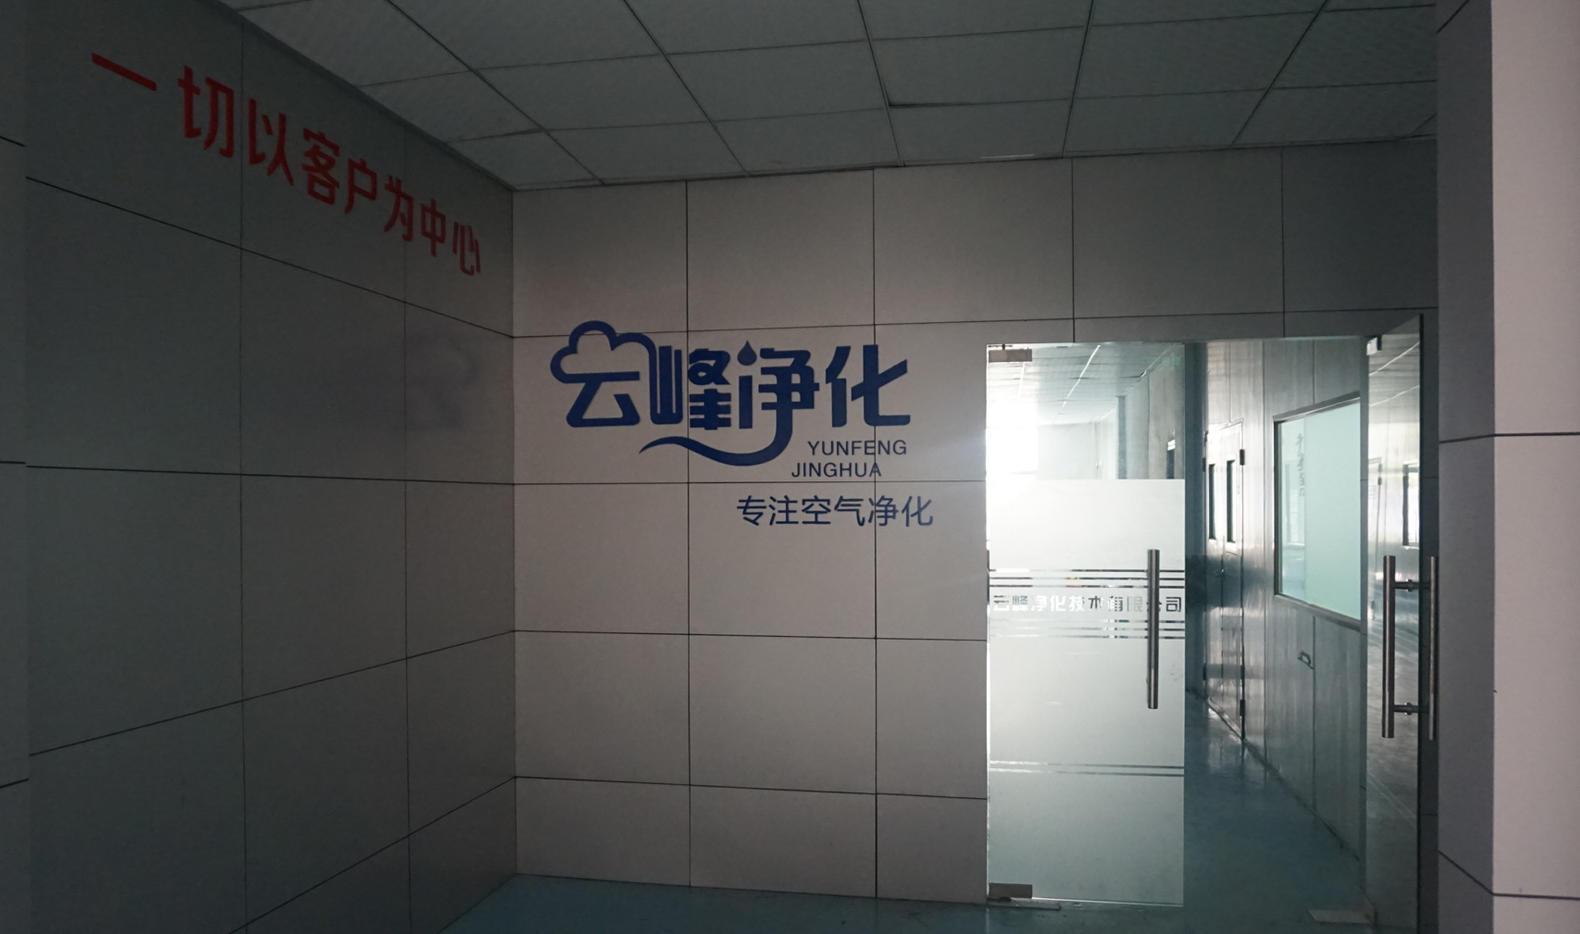 云峰净化风淋室FFU净化设备展会